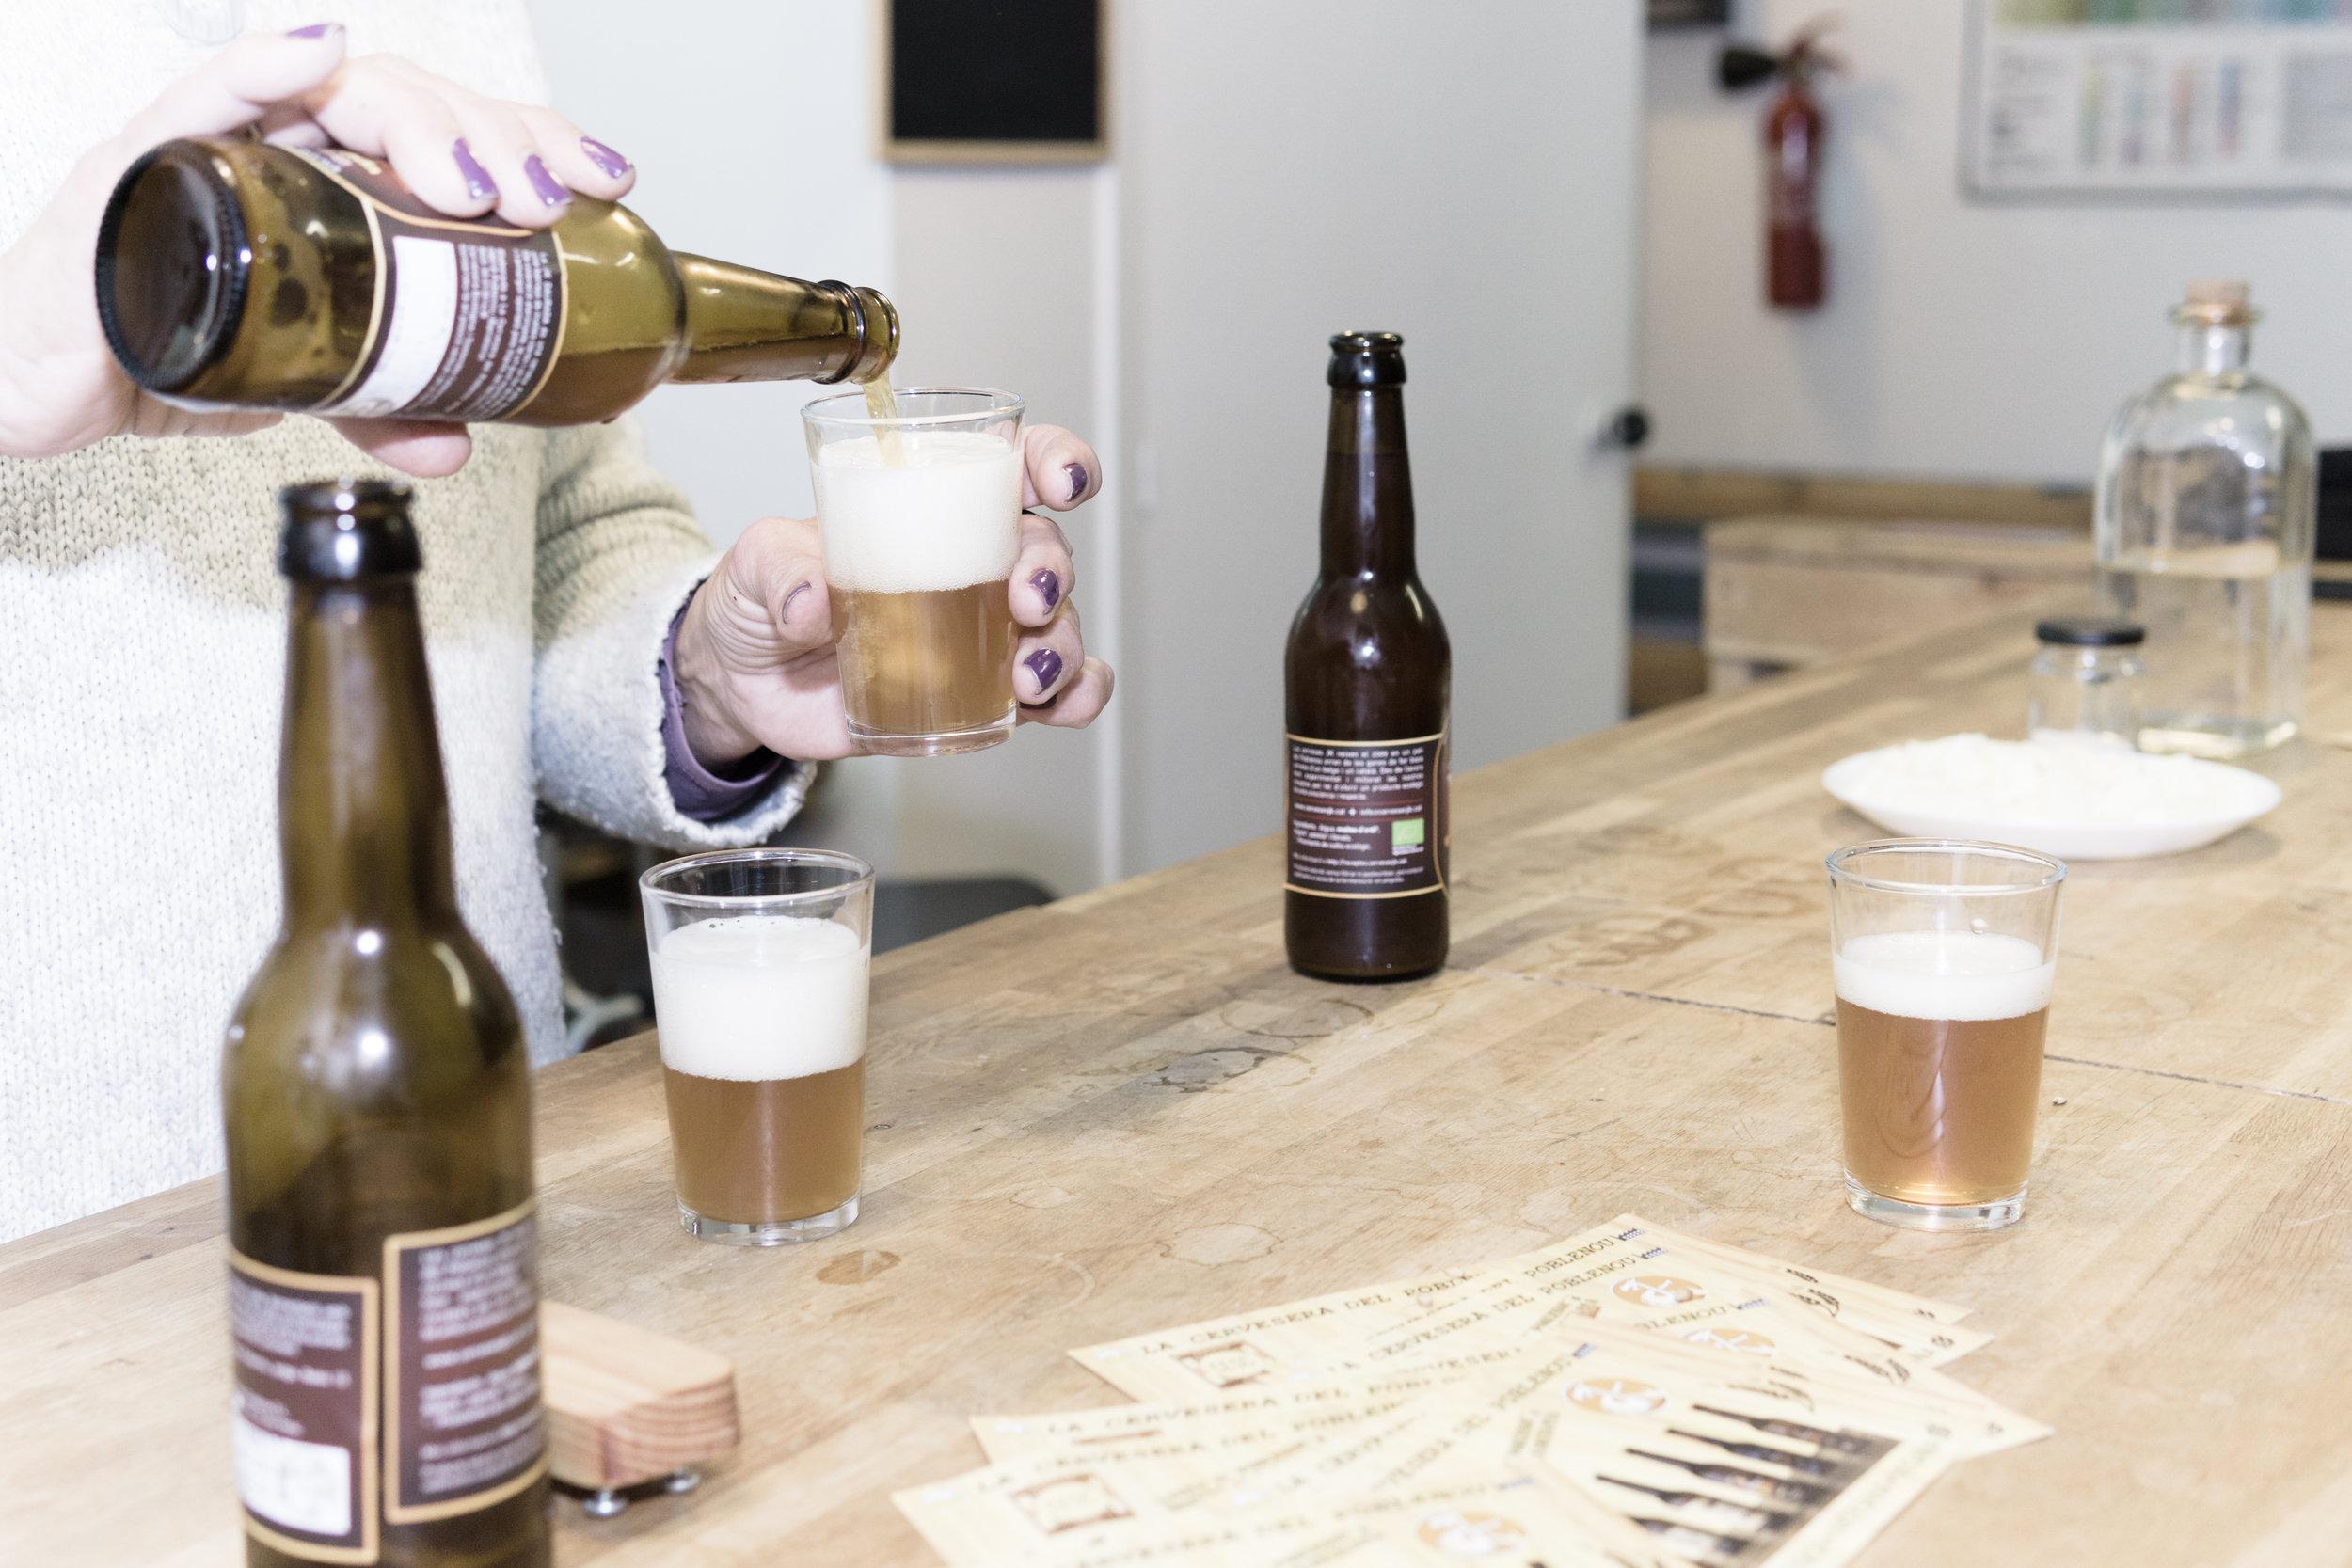 Tast de cervesa artesana i ecològica - Tast de cervesa artesana i ecològica en una cerveseria local del PoblenouInclou visita a la cerveseria, explicació de la mà d'un expert cerveser, degustació de 4 cevezas i de formatges artesansPreu: desde 20€ per persona